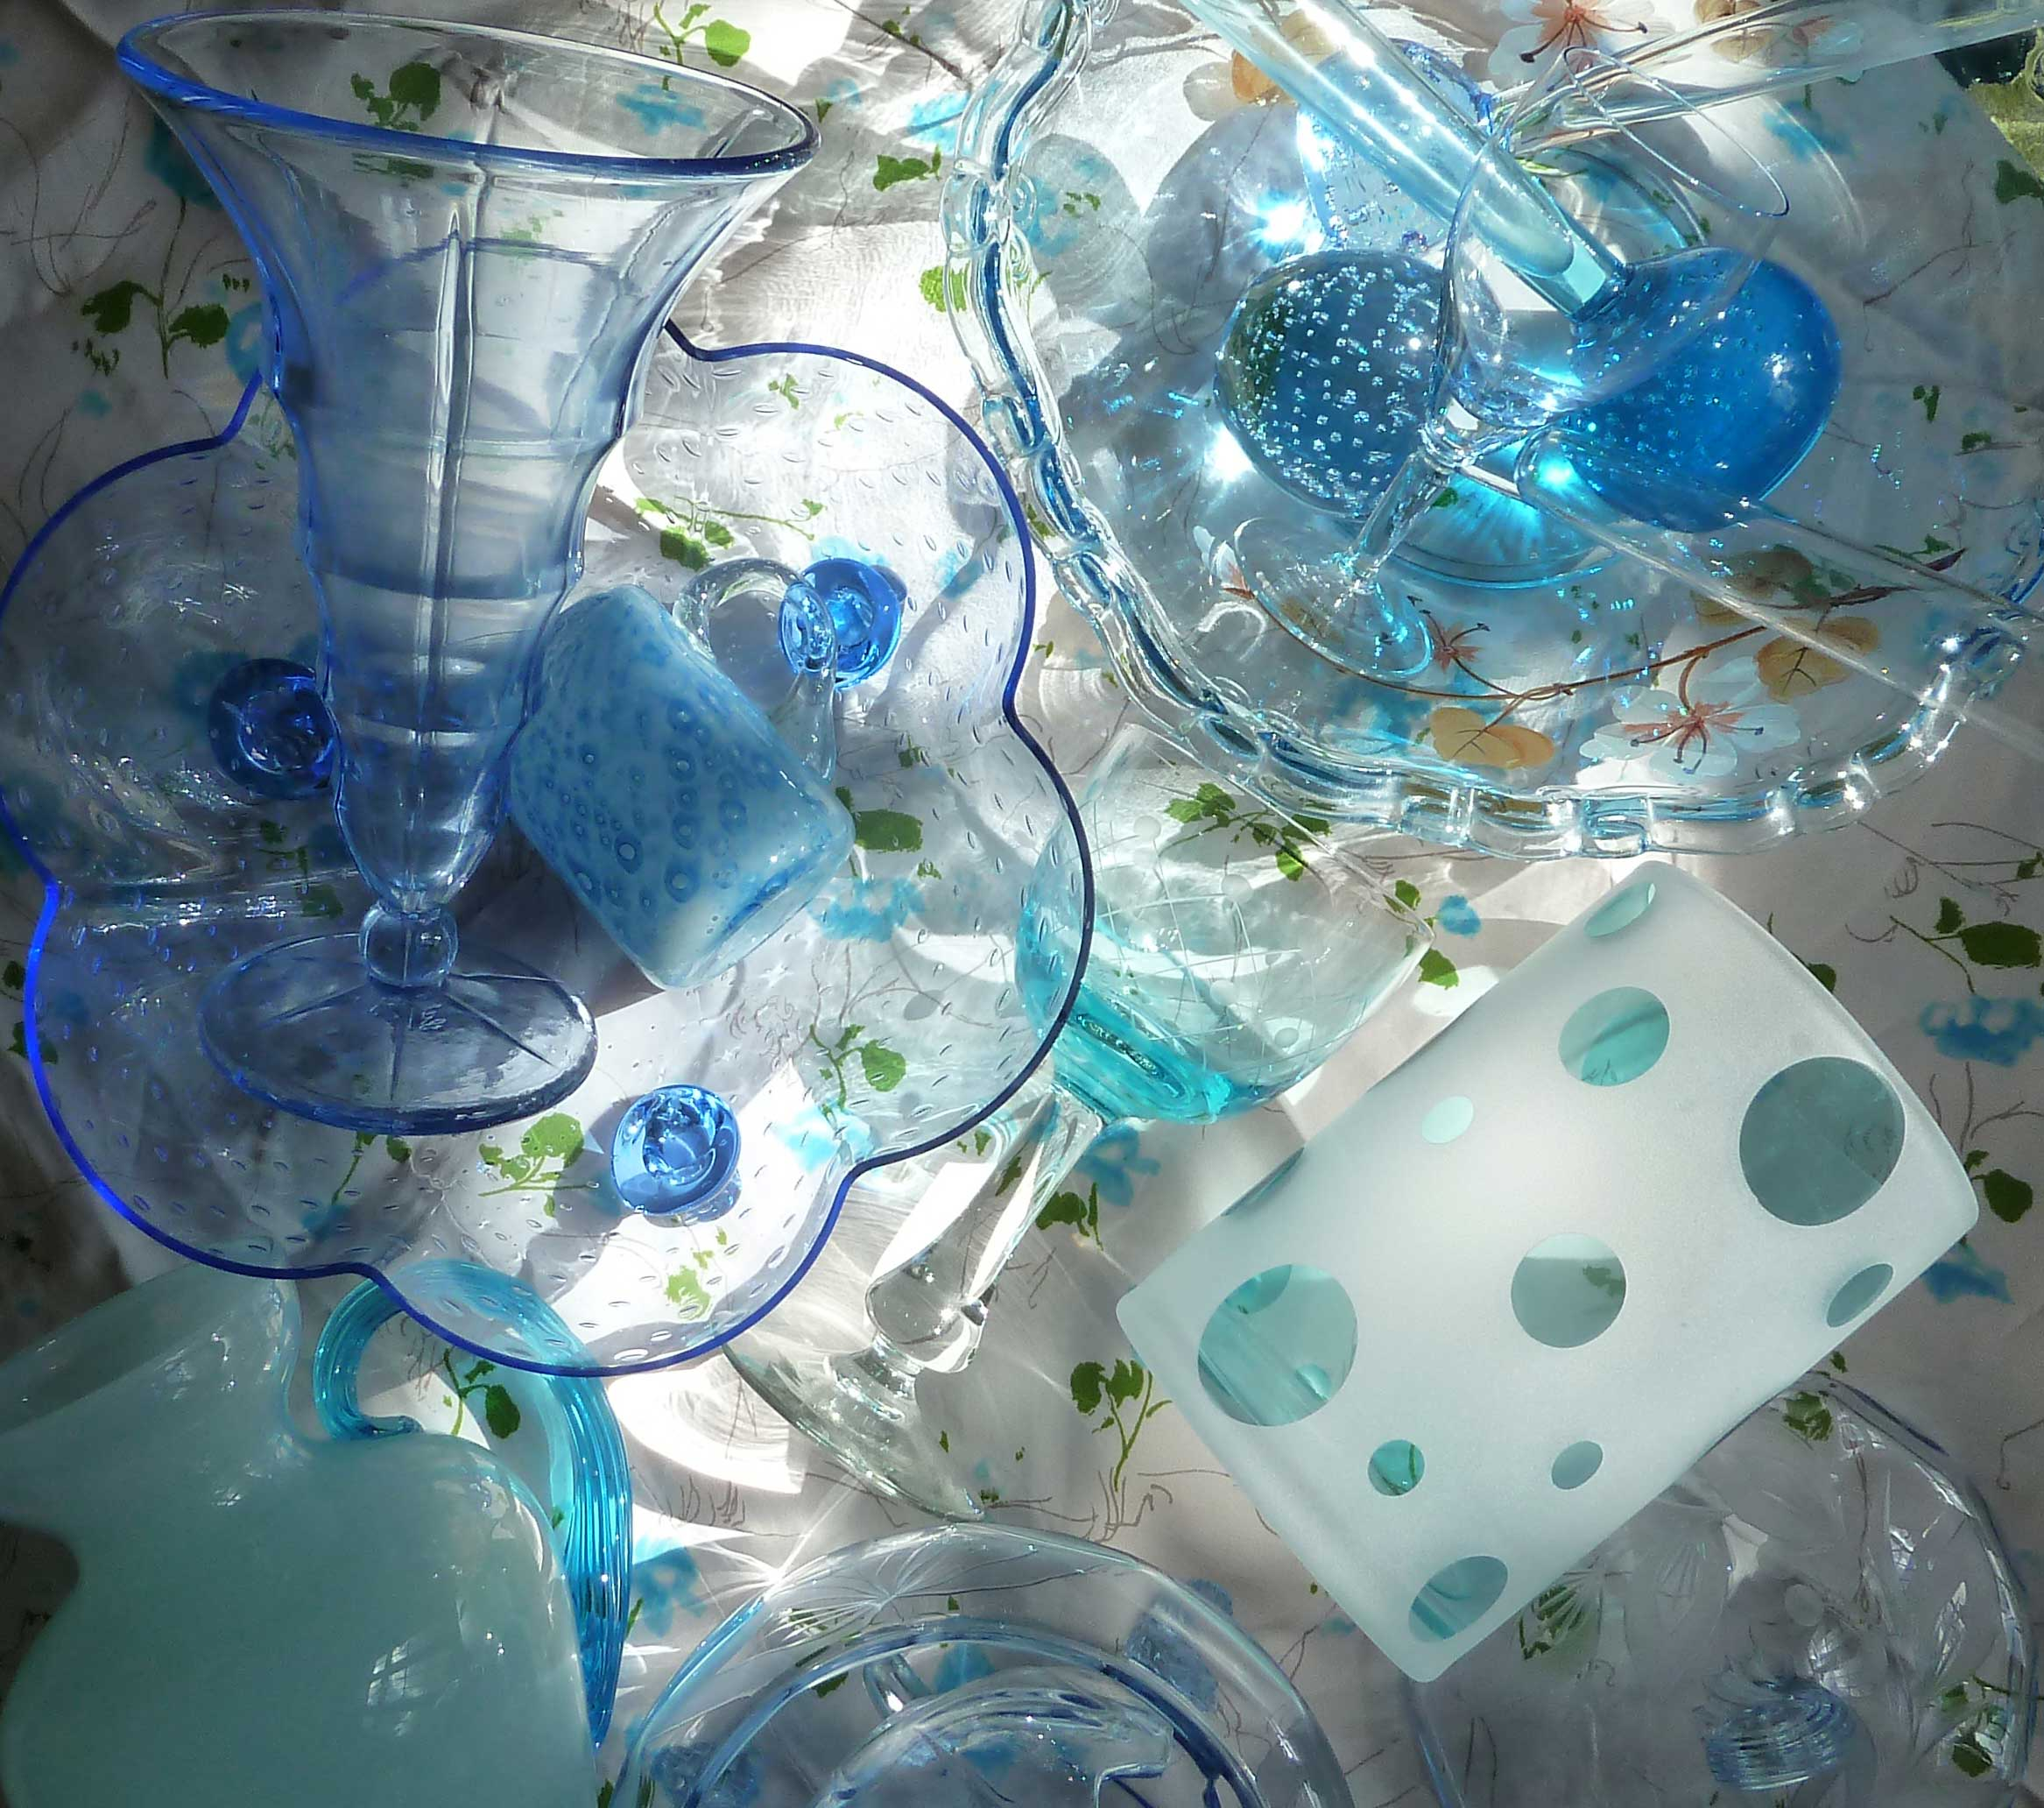 Sammlung blaues Glas starke Lichtkontraste